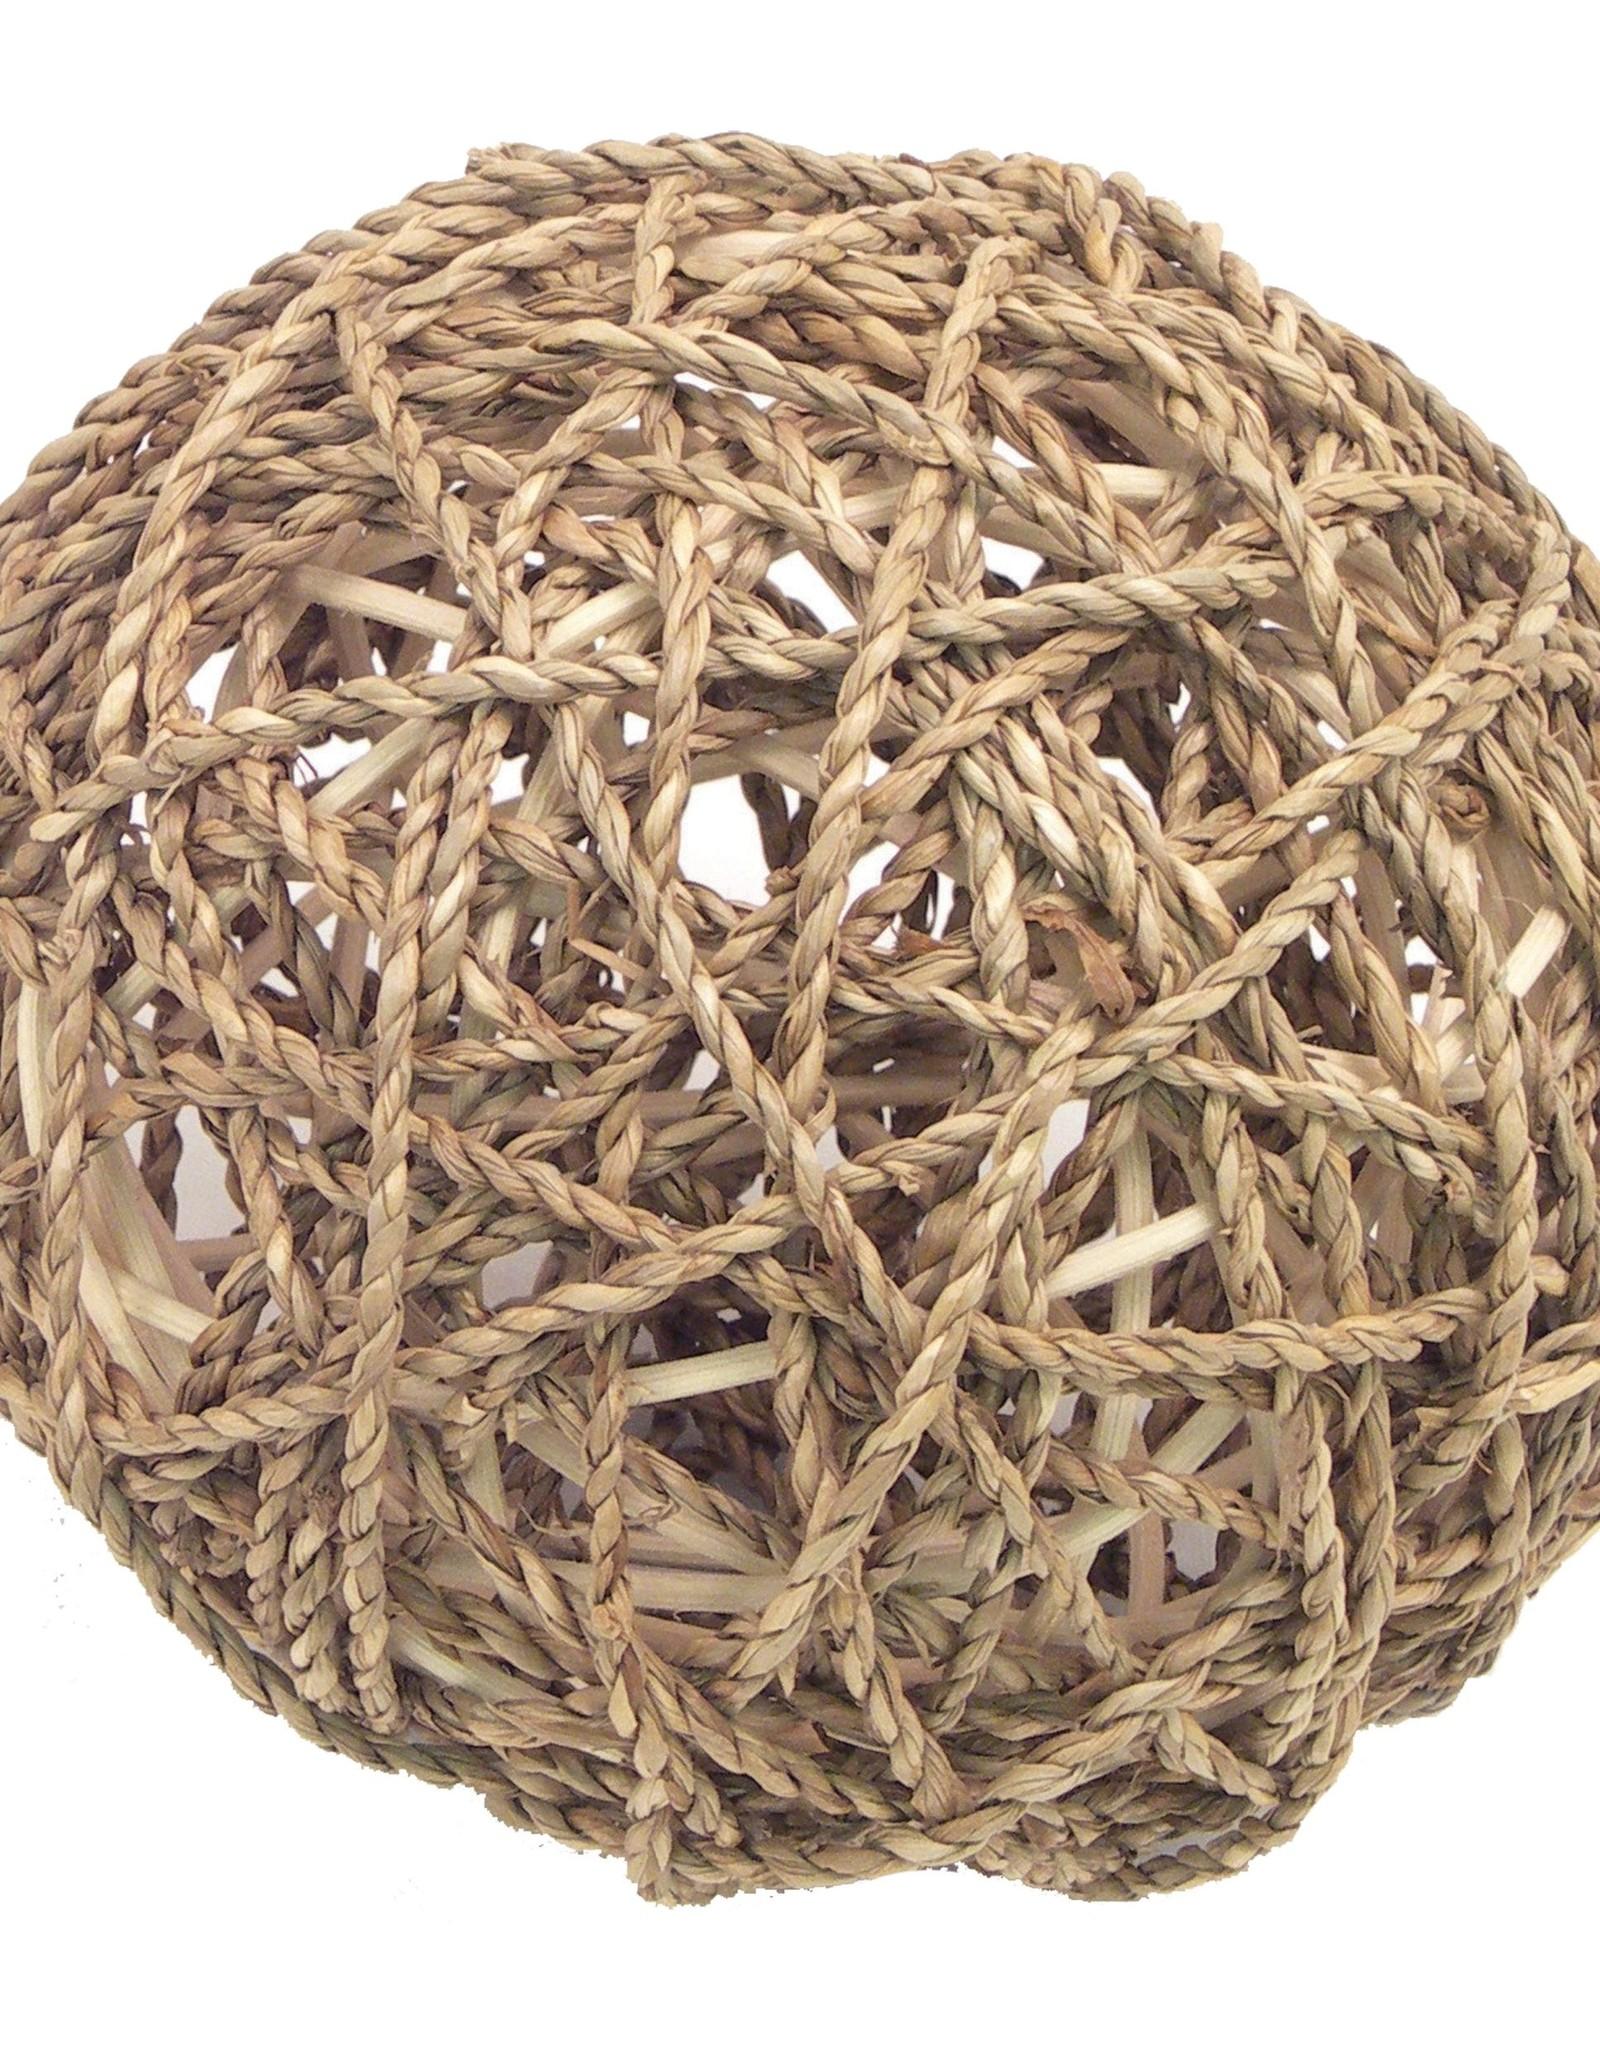 Rosewood Seagrass Fun Ball